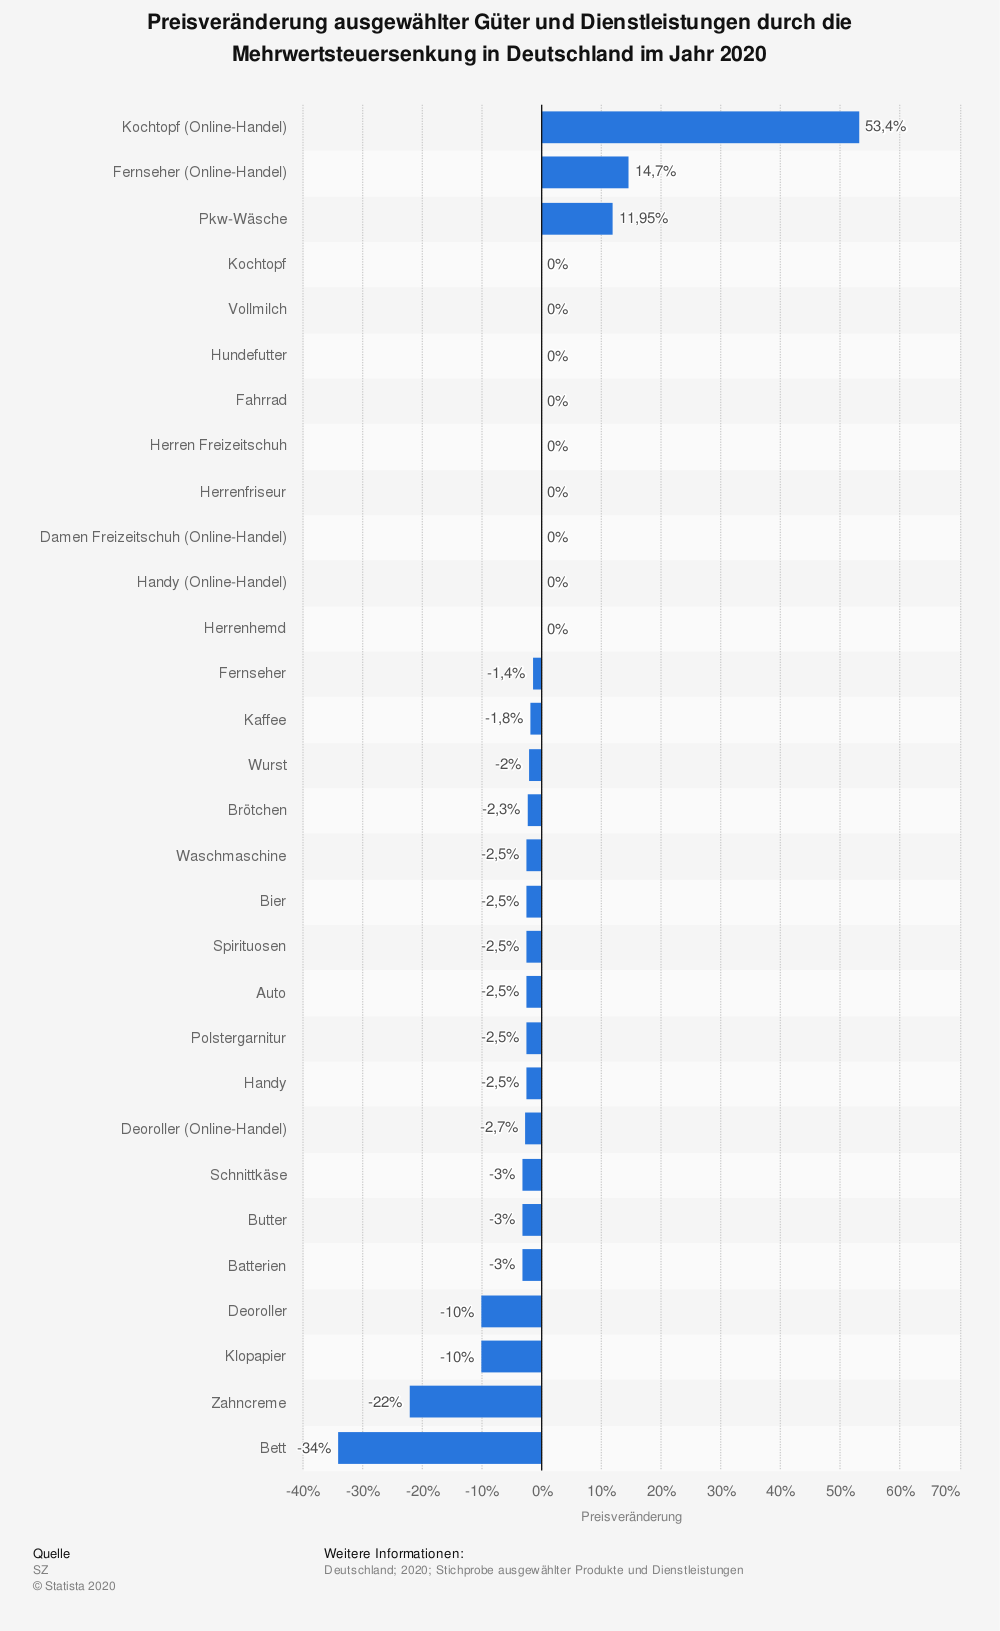 Statistik: Preisveränderung ausgewählter Güter und Dienstleistungen durch die Mehrwertsteuersenkung in Deutschland im Jahr 2020 | Statista